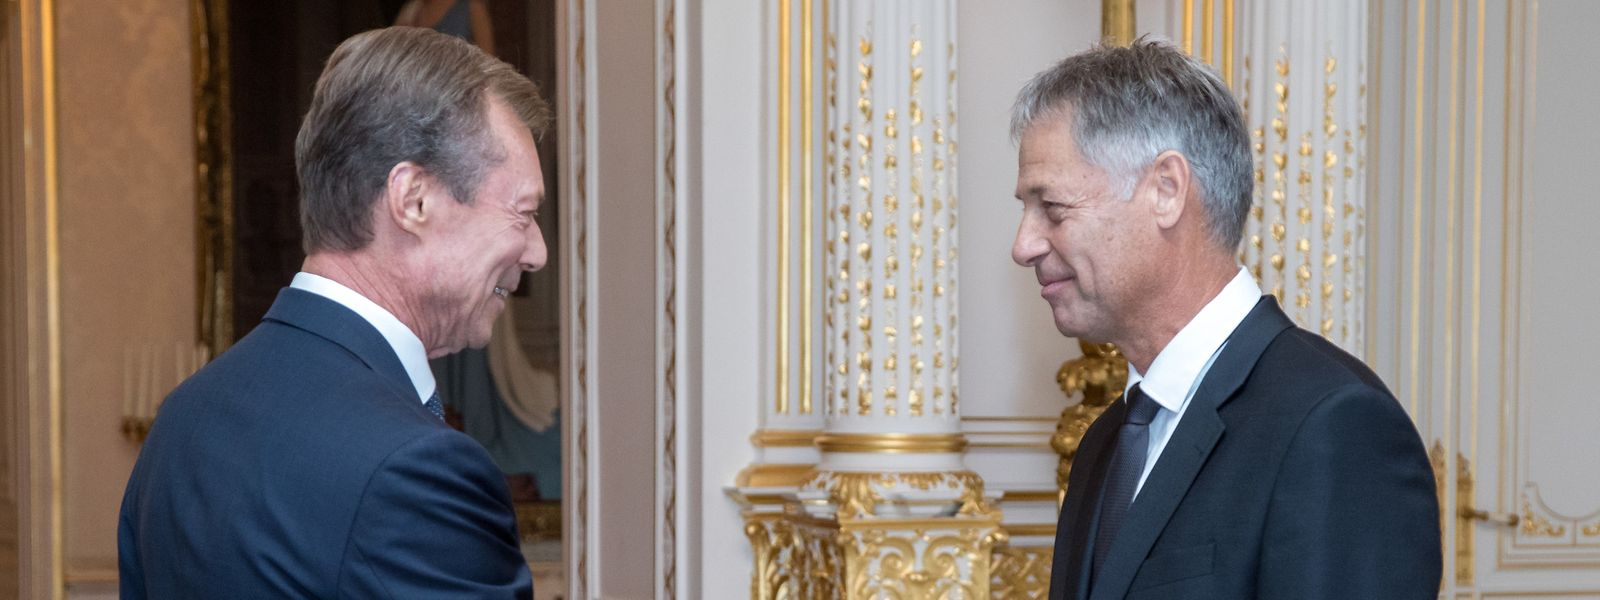 Le Grand-Duc a été le premier à féliciter Henri Kox au terme de son assermentation, ce vendredi matin.